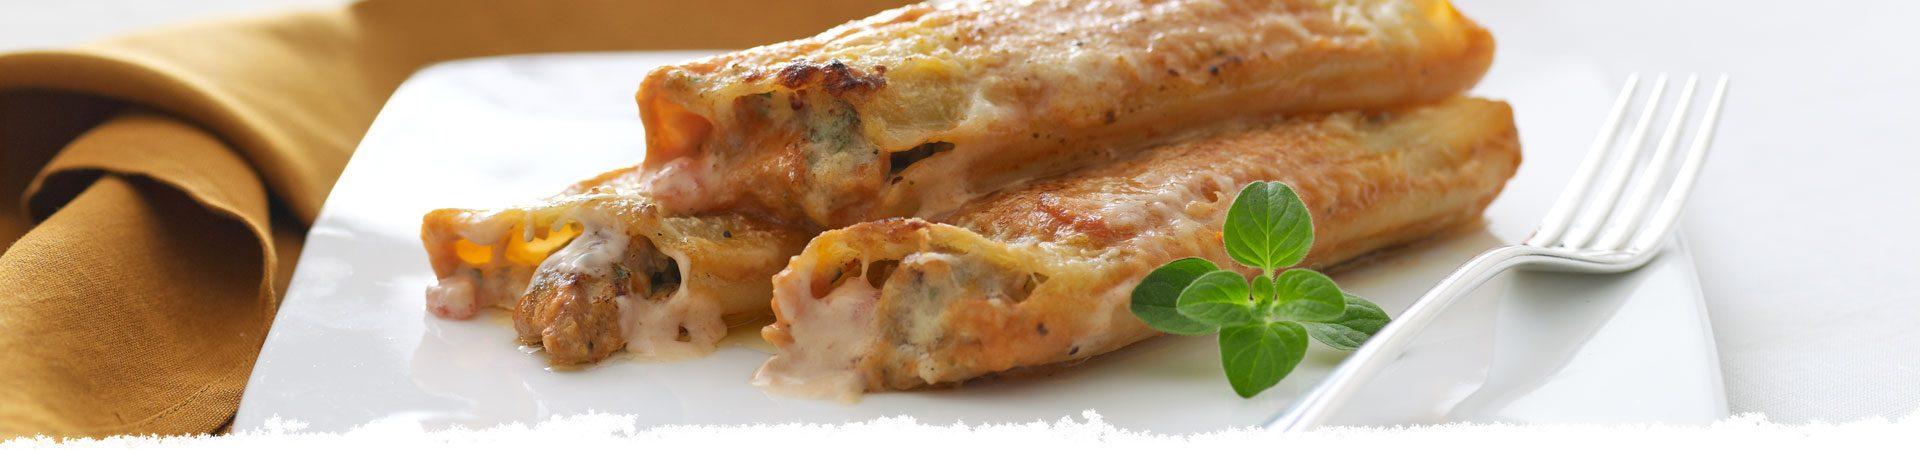 Pork Mascarpone Manicotti